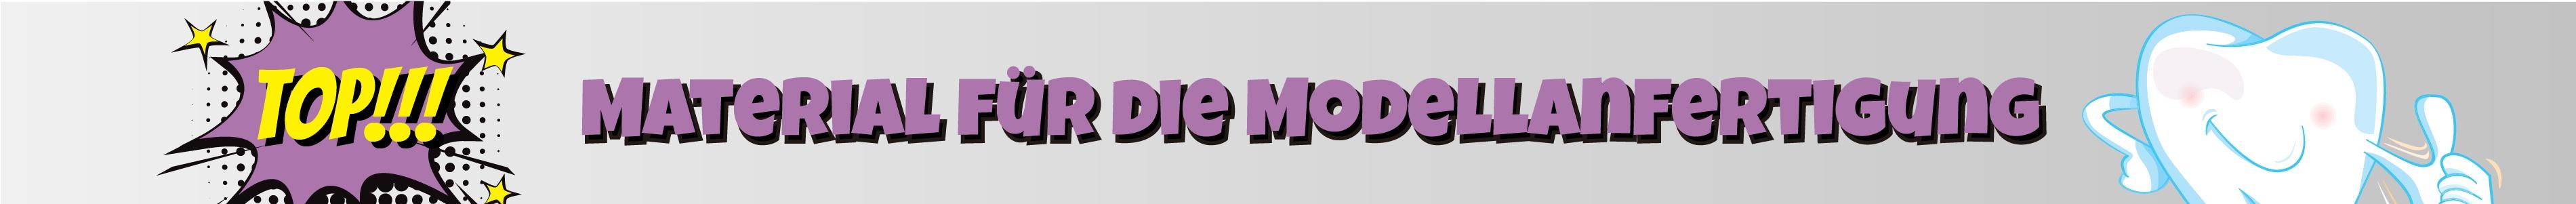 Verbrauchsmaterialien für modellherstellung image